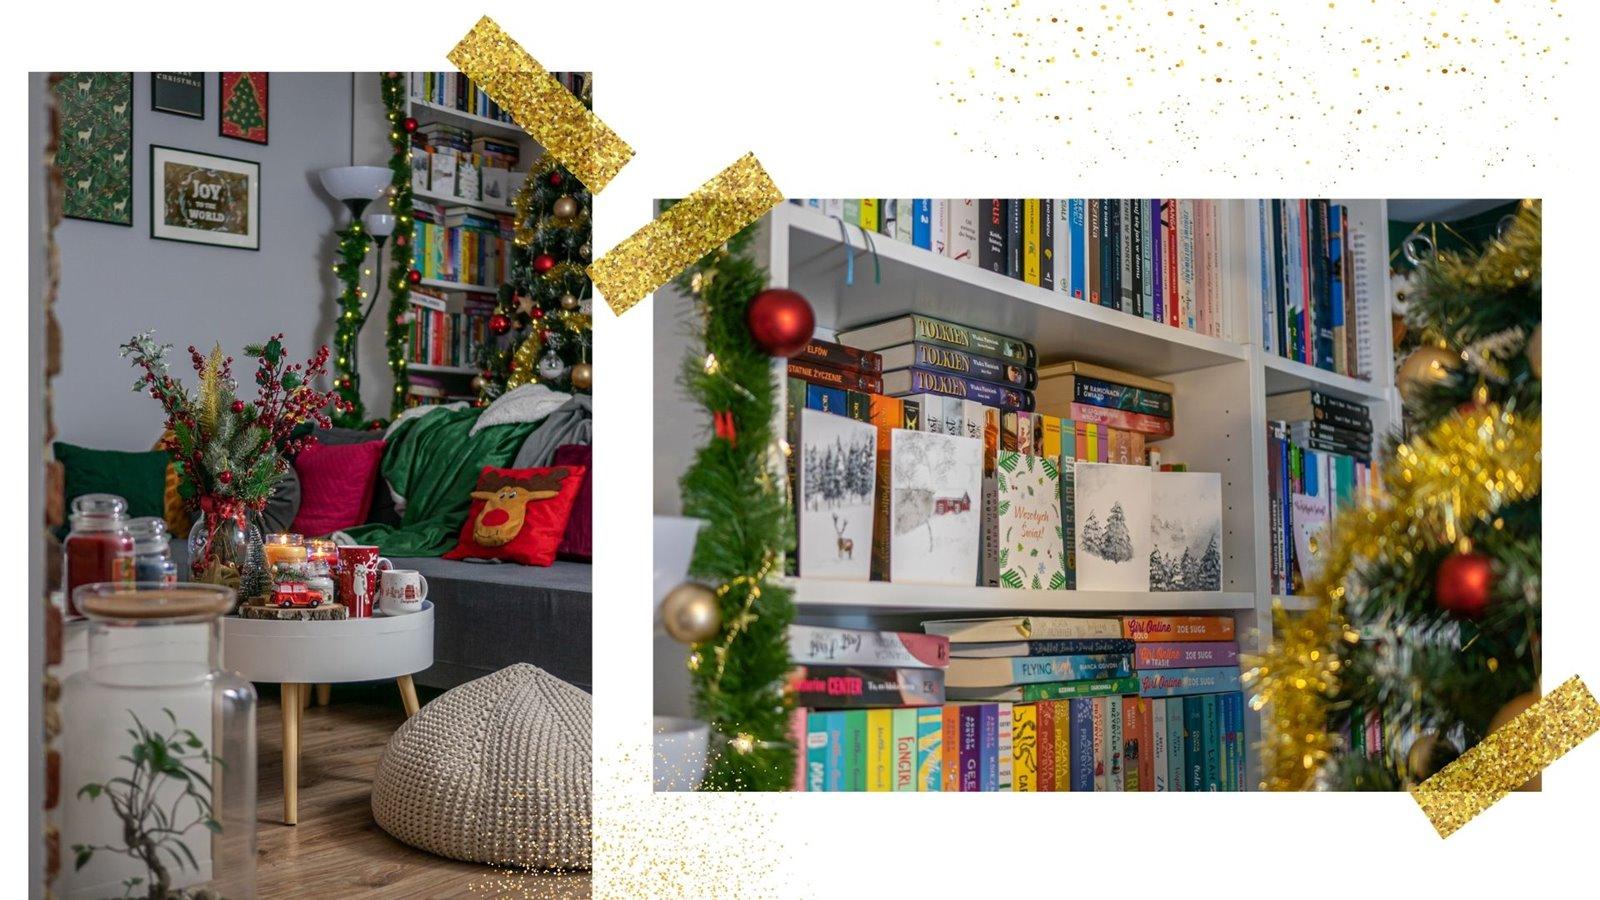 4 butelkowo zielone zasłony w złoty wzór jakość opinie room 99 świąteczne dekoracje kartki pocztówki świąteczne